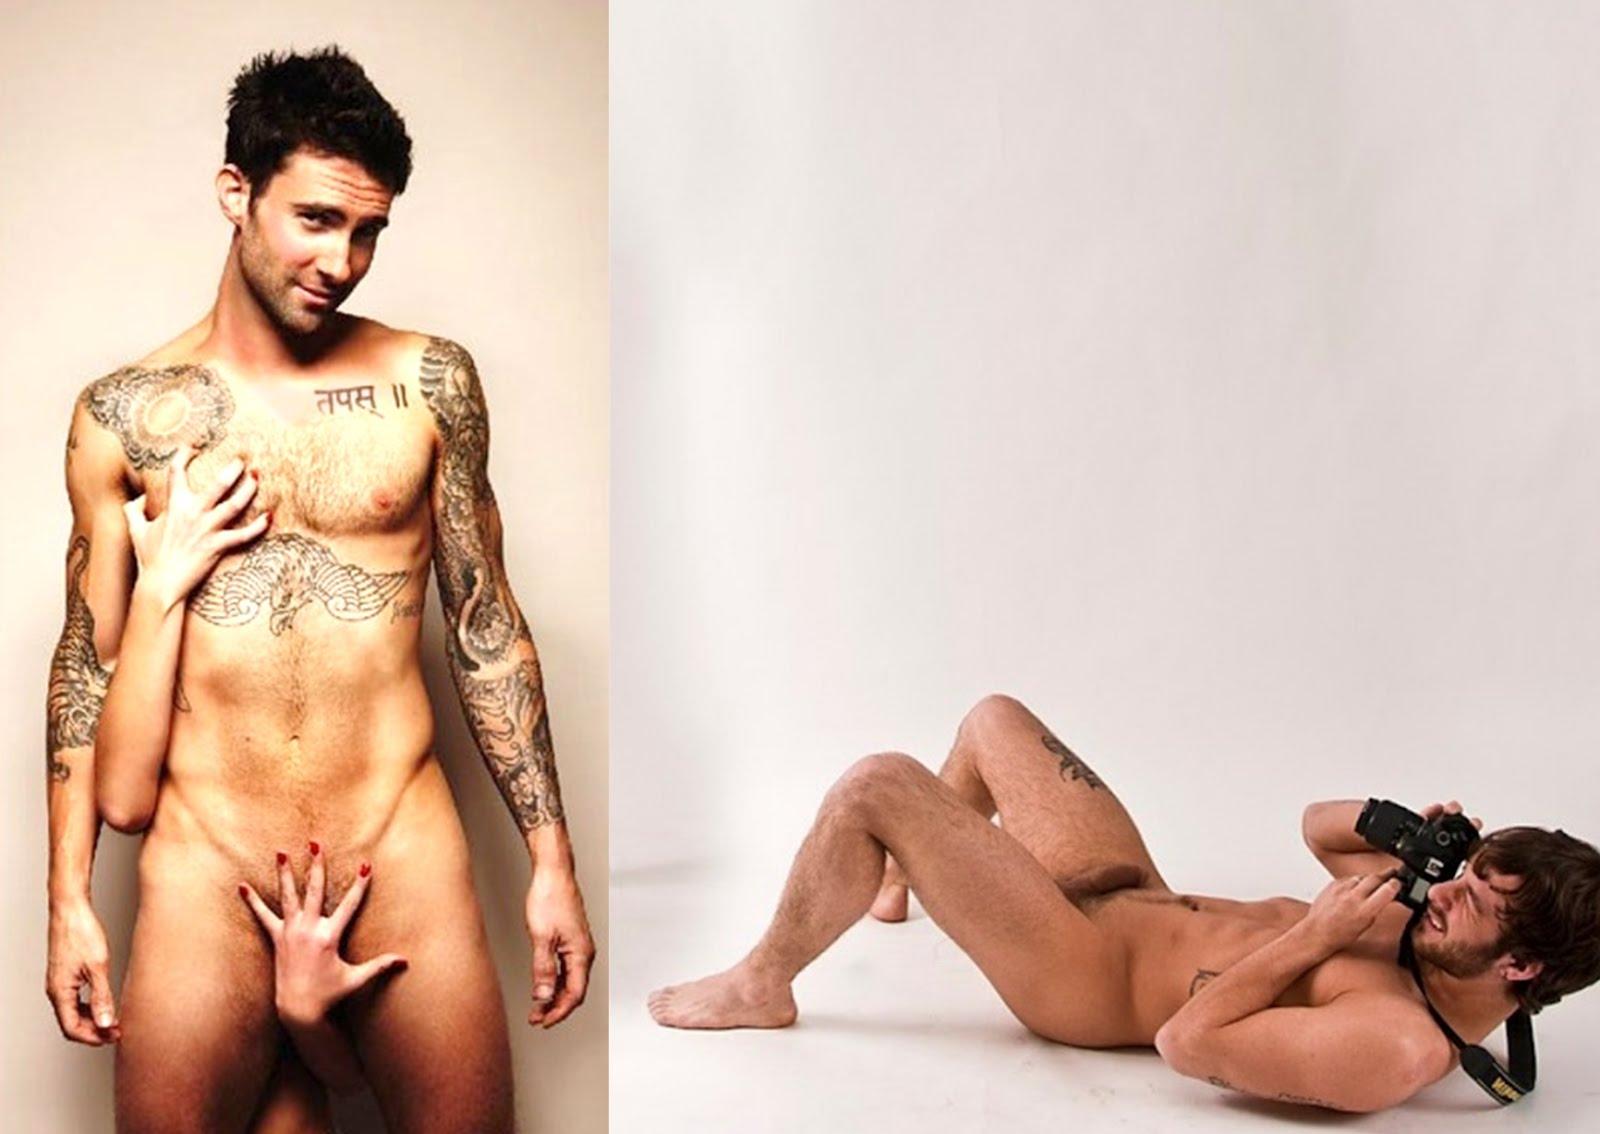 Nude Pictures Of Adam Lambert